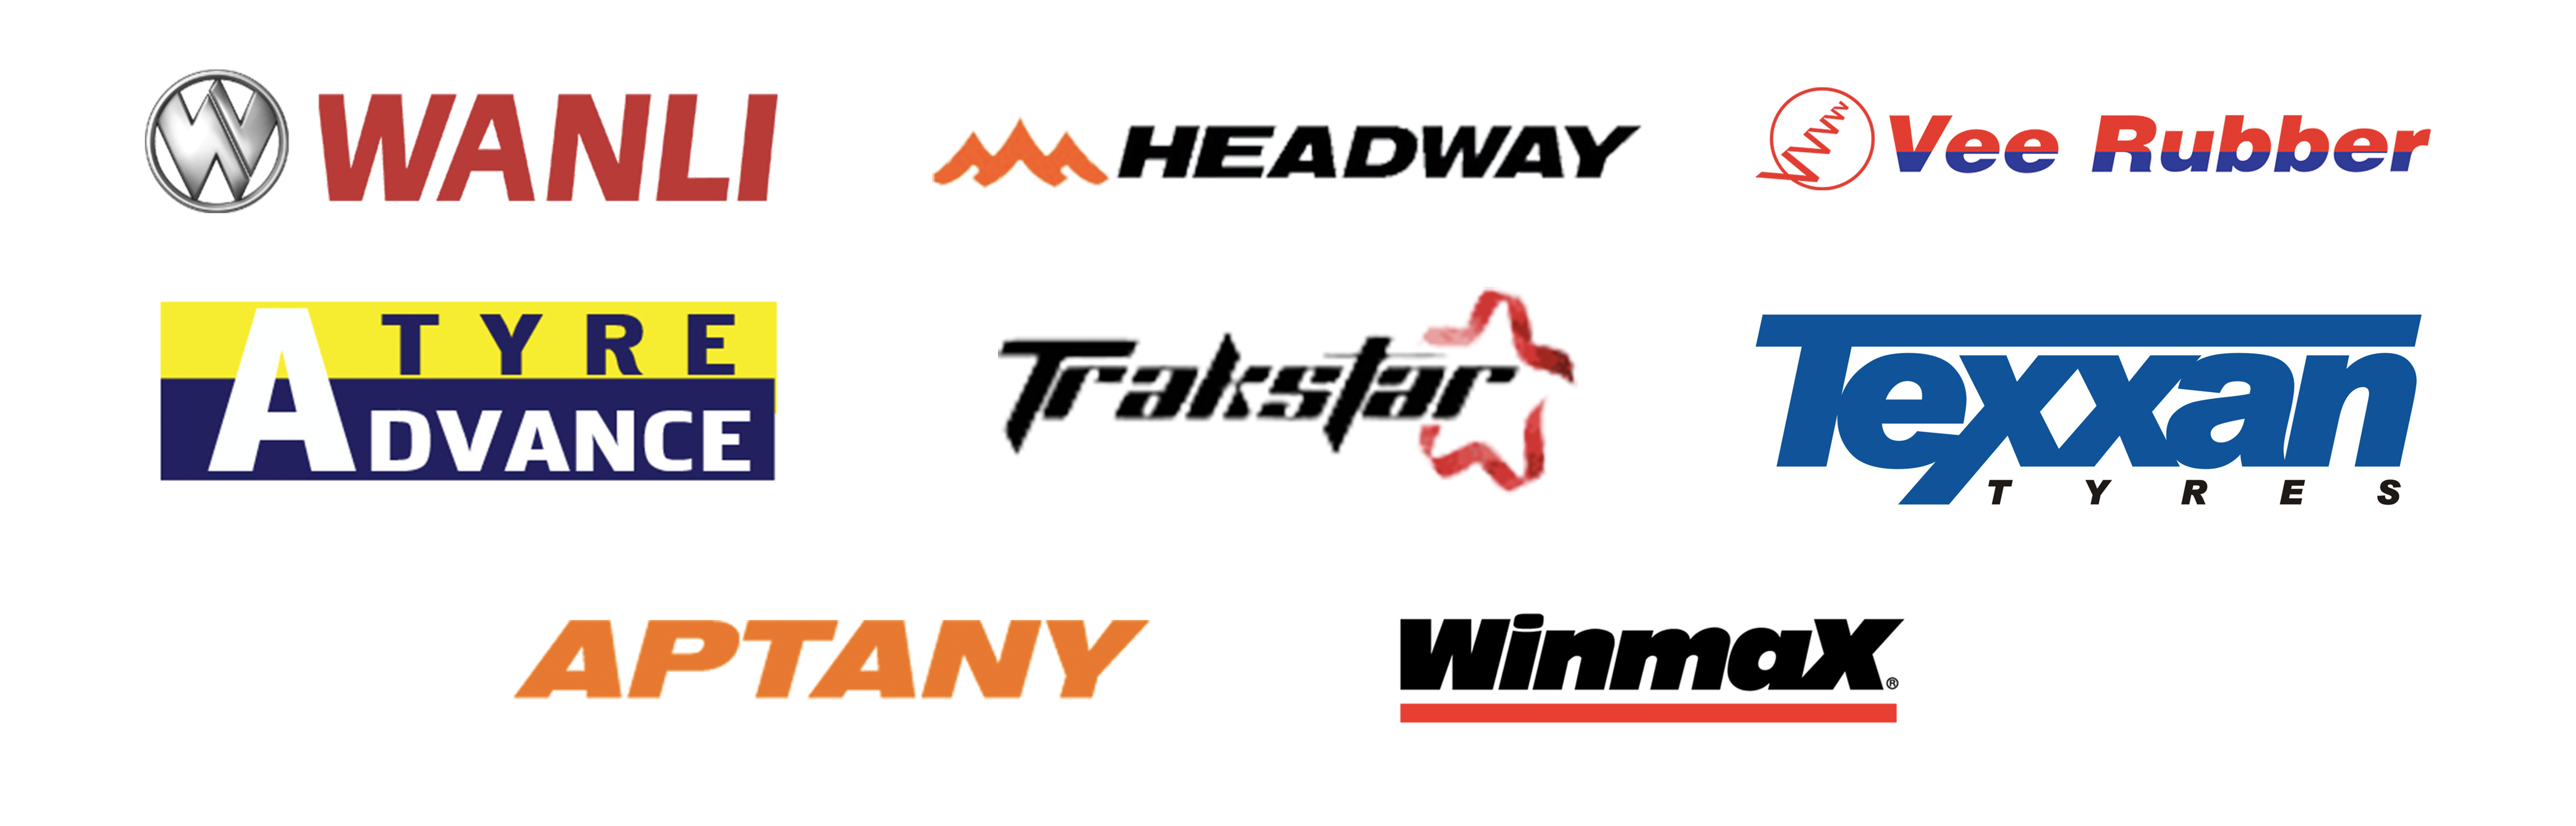 Acom Brands